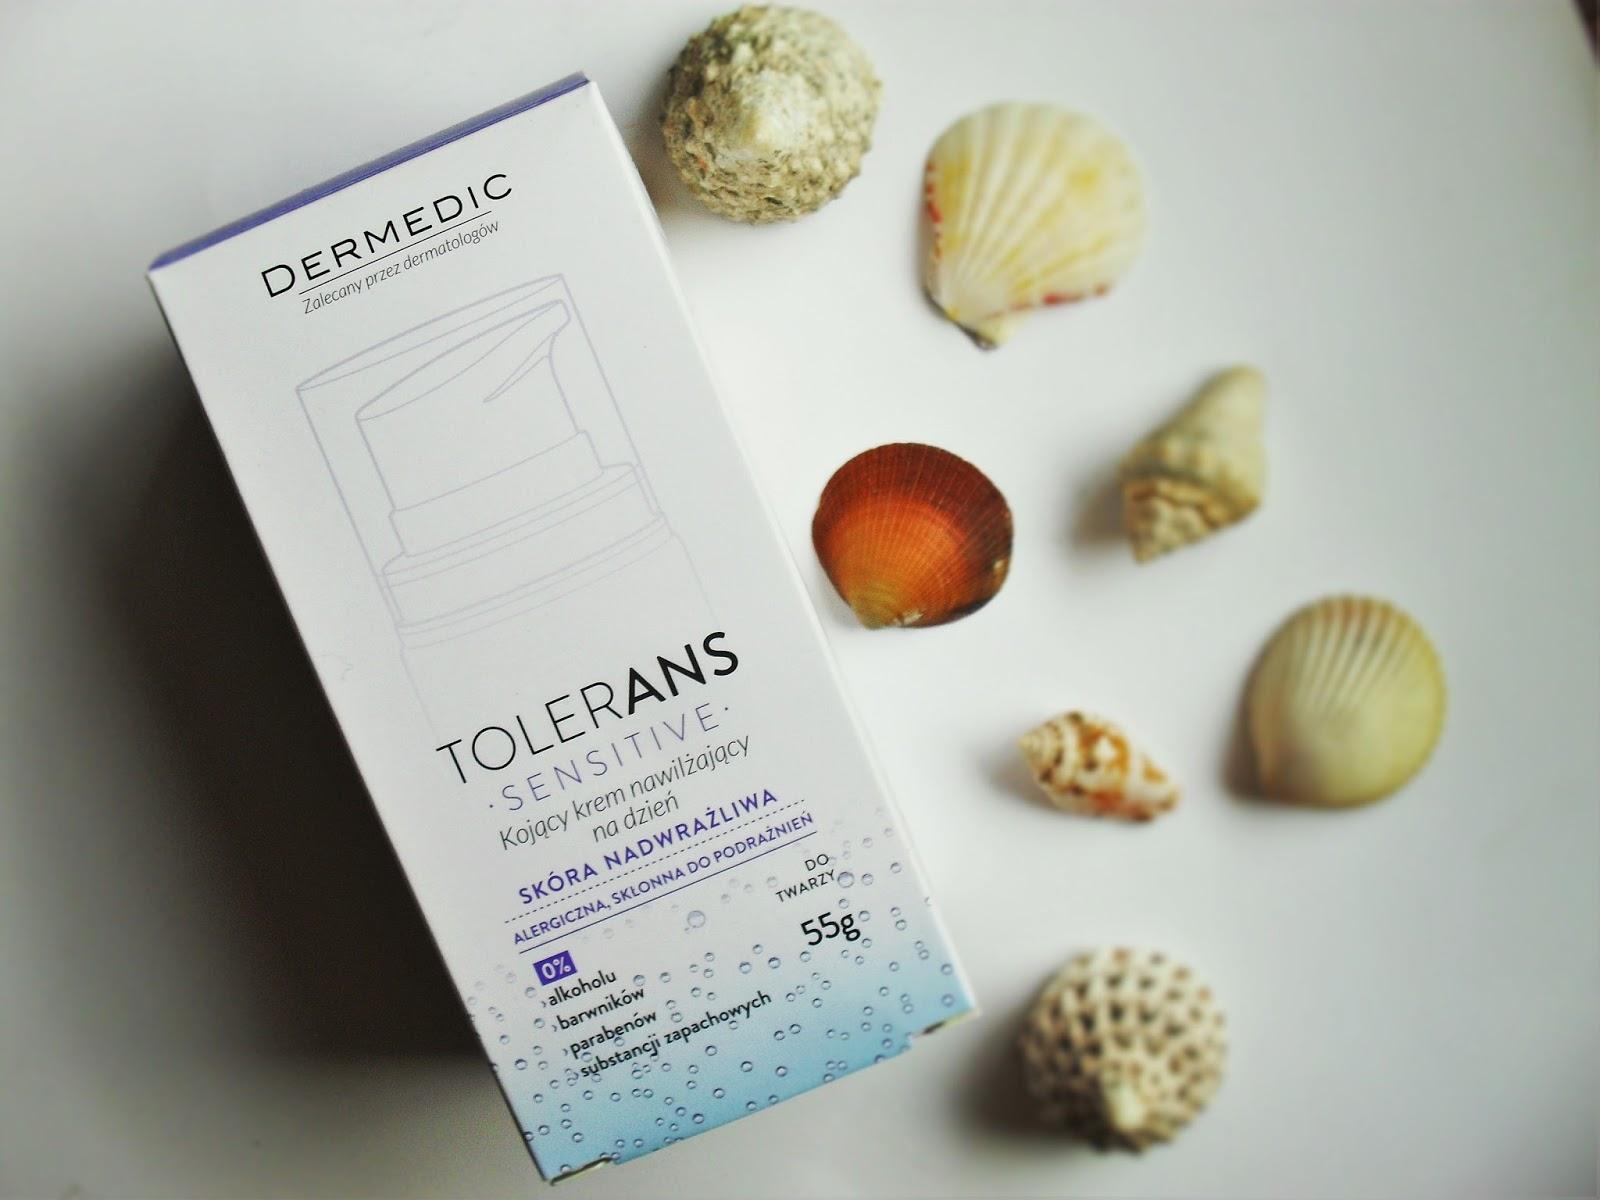 Nawilżanie skóry z Dermedic Tolerans